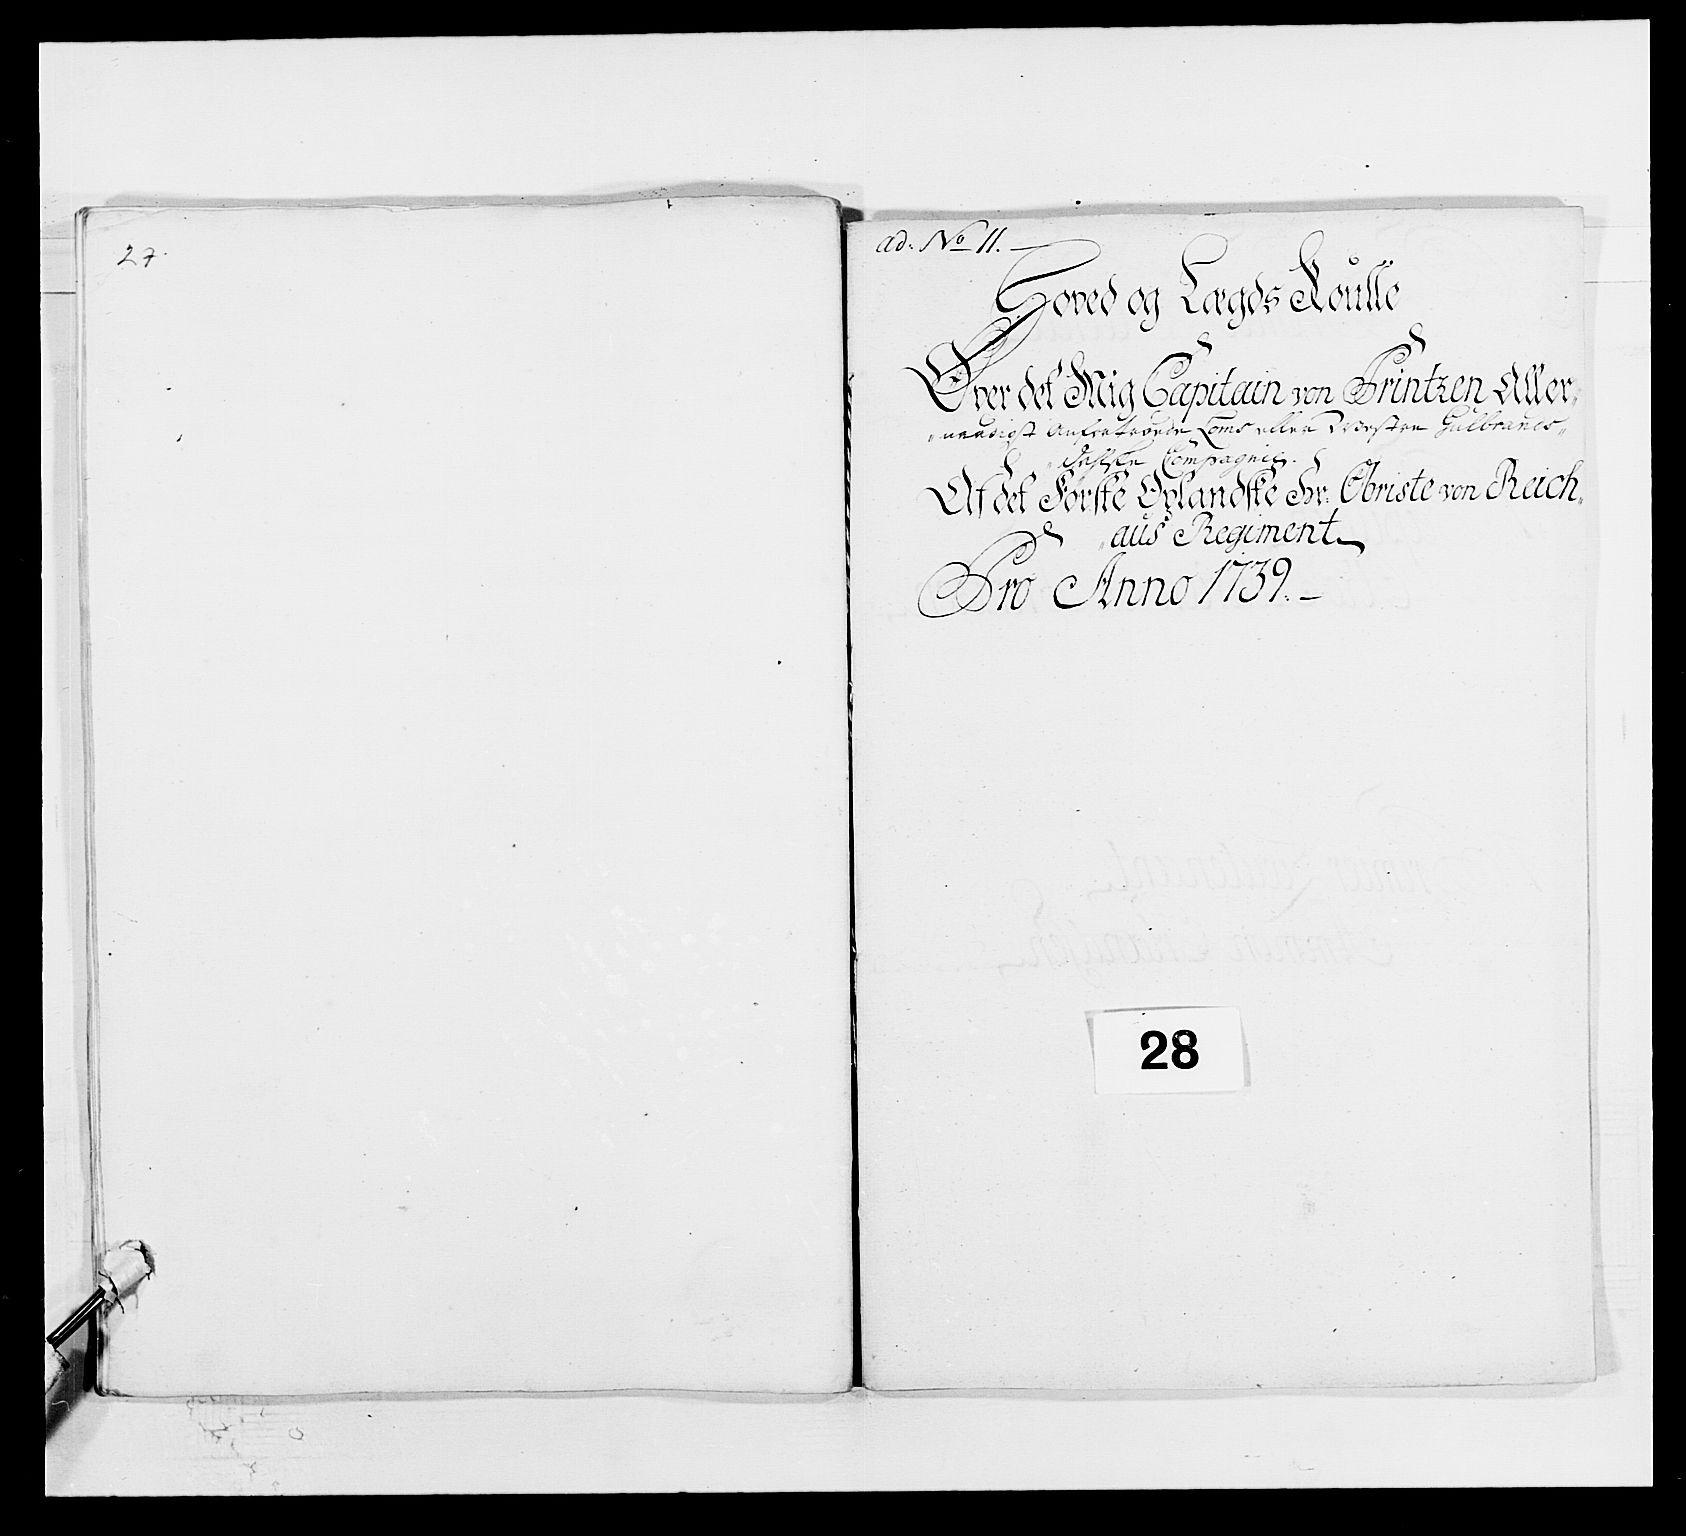 RA, Kommanderende general (KG I) med Det norske krigsdirektorium, E/Ea/L0502: 1. Opplandske regiment, 1720-1743, s. 333